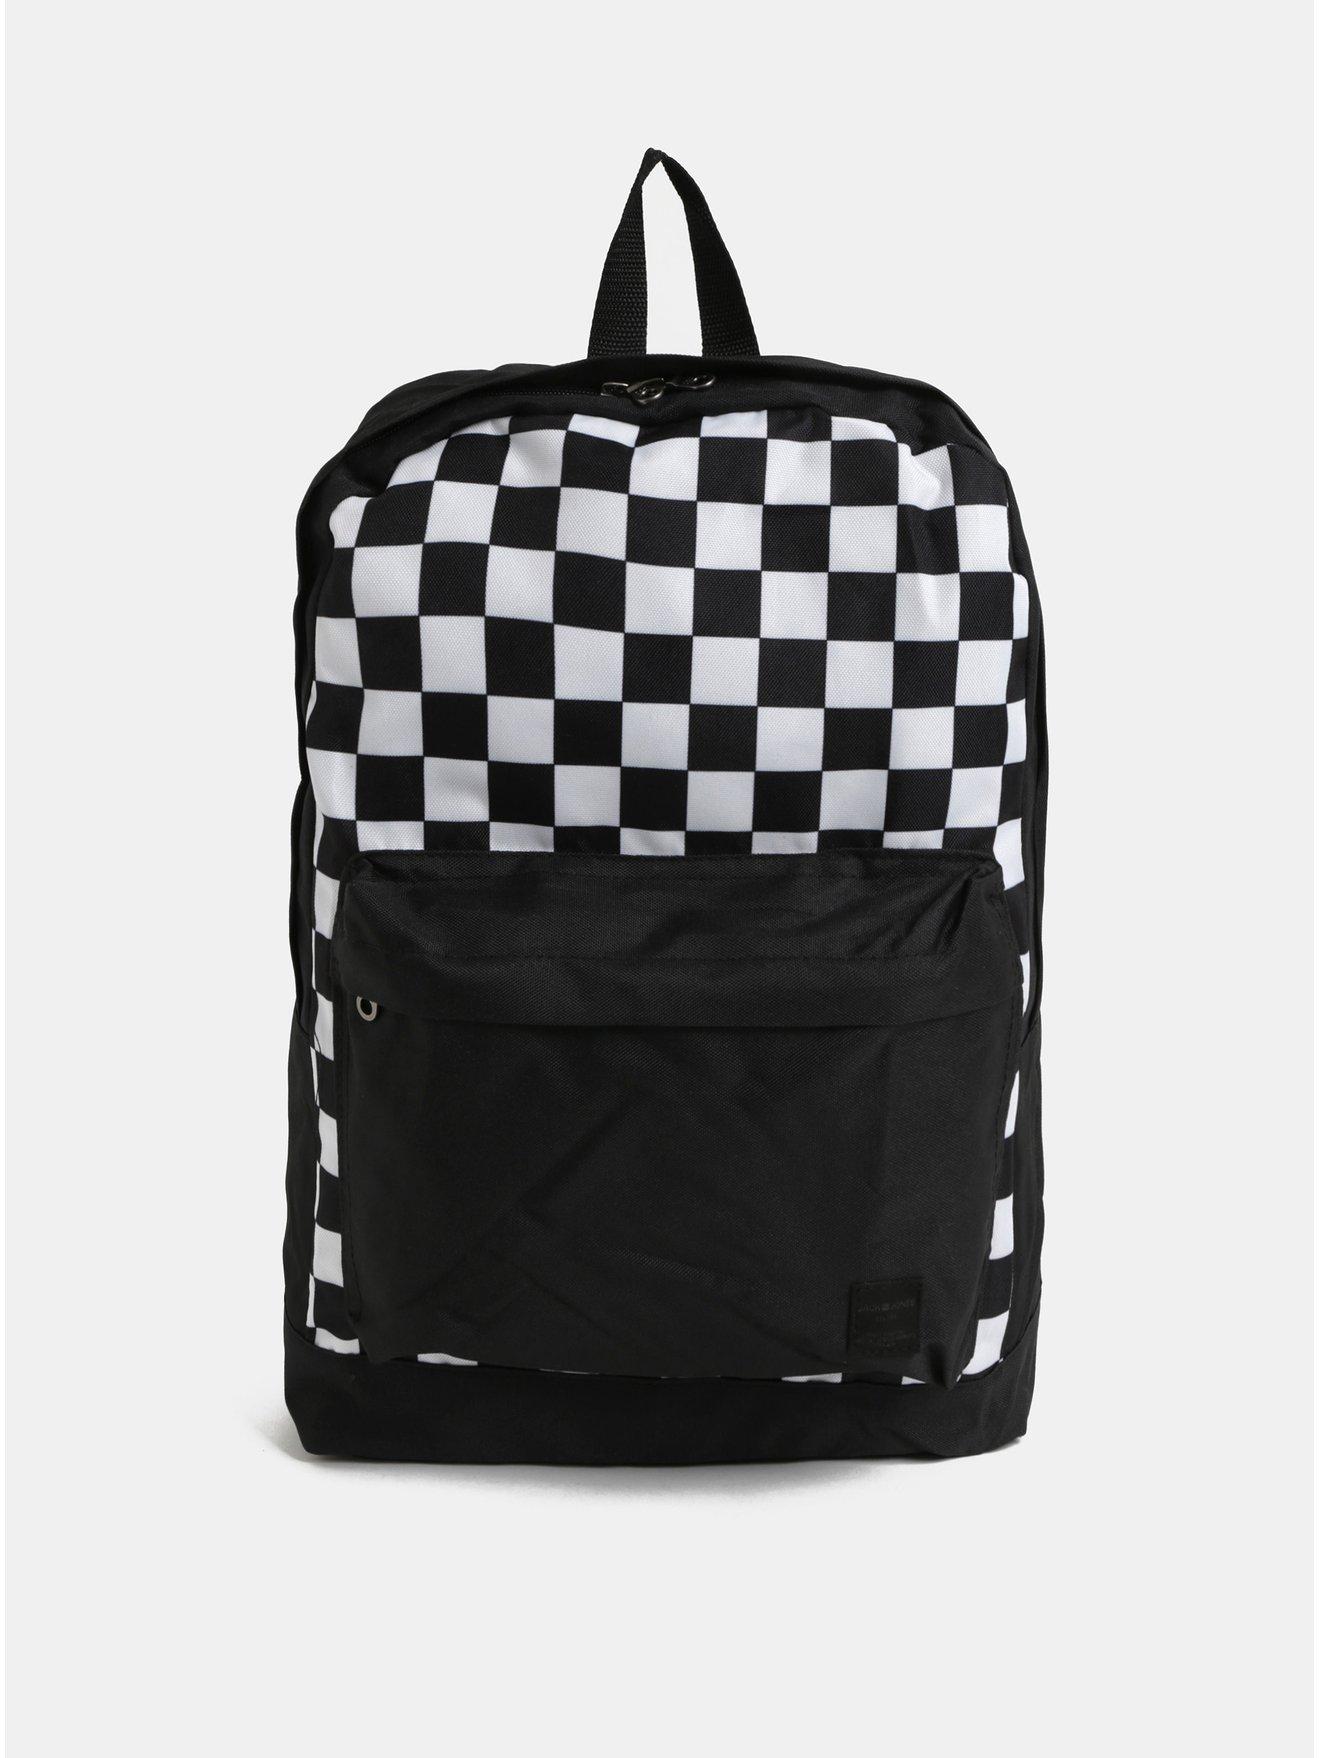 45b3ad0a5f3 Bílo-černý batoh s přední kapsou Jack   Jones Basic